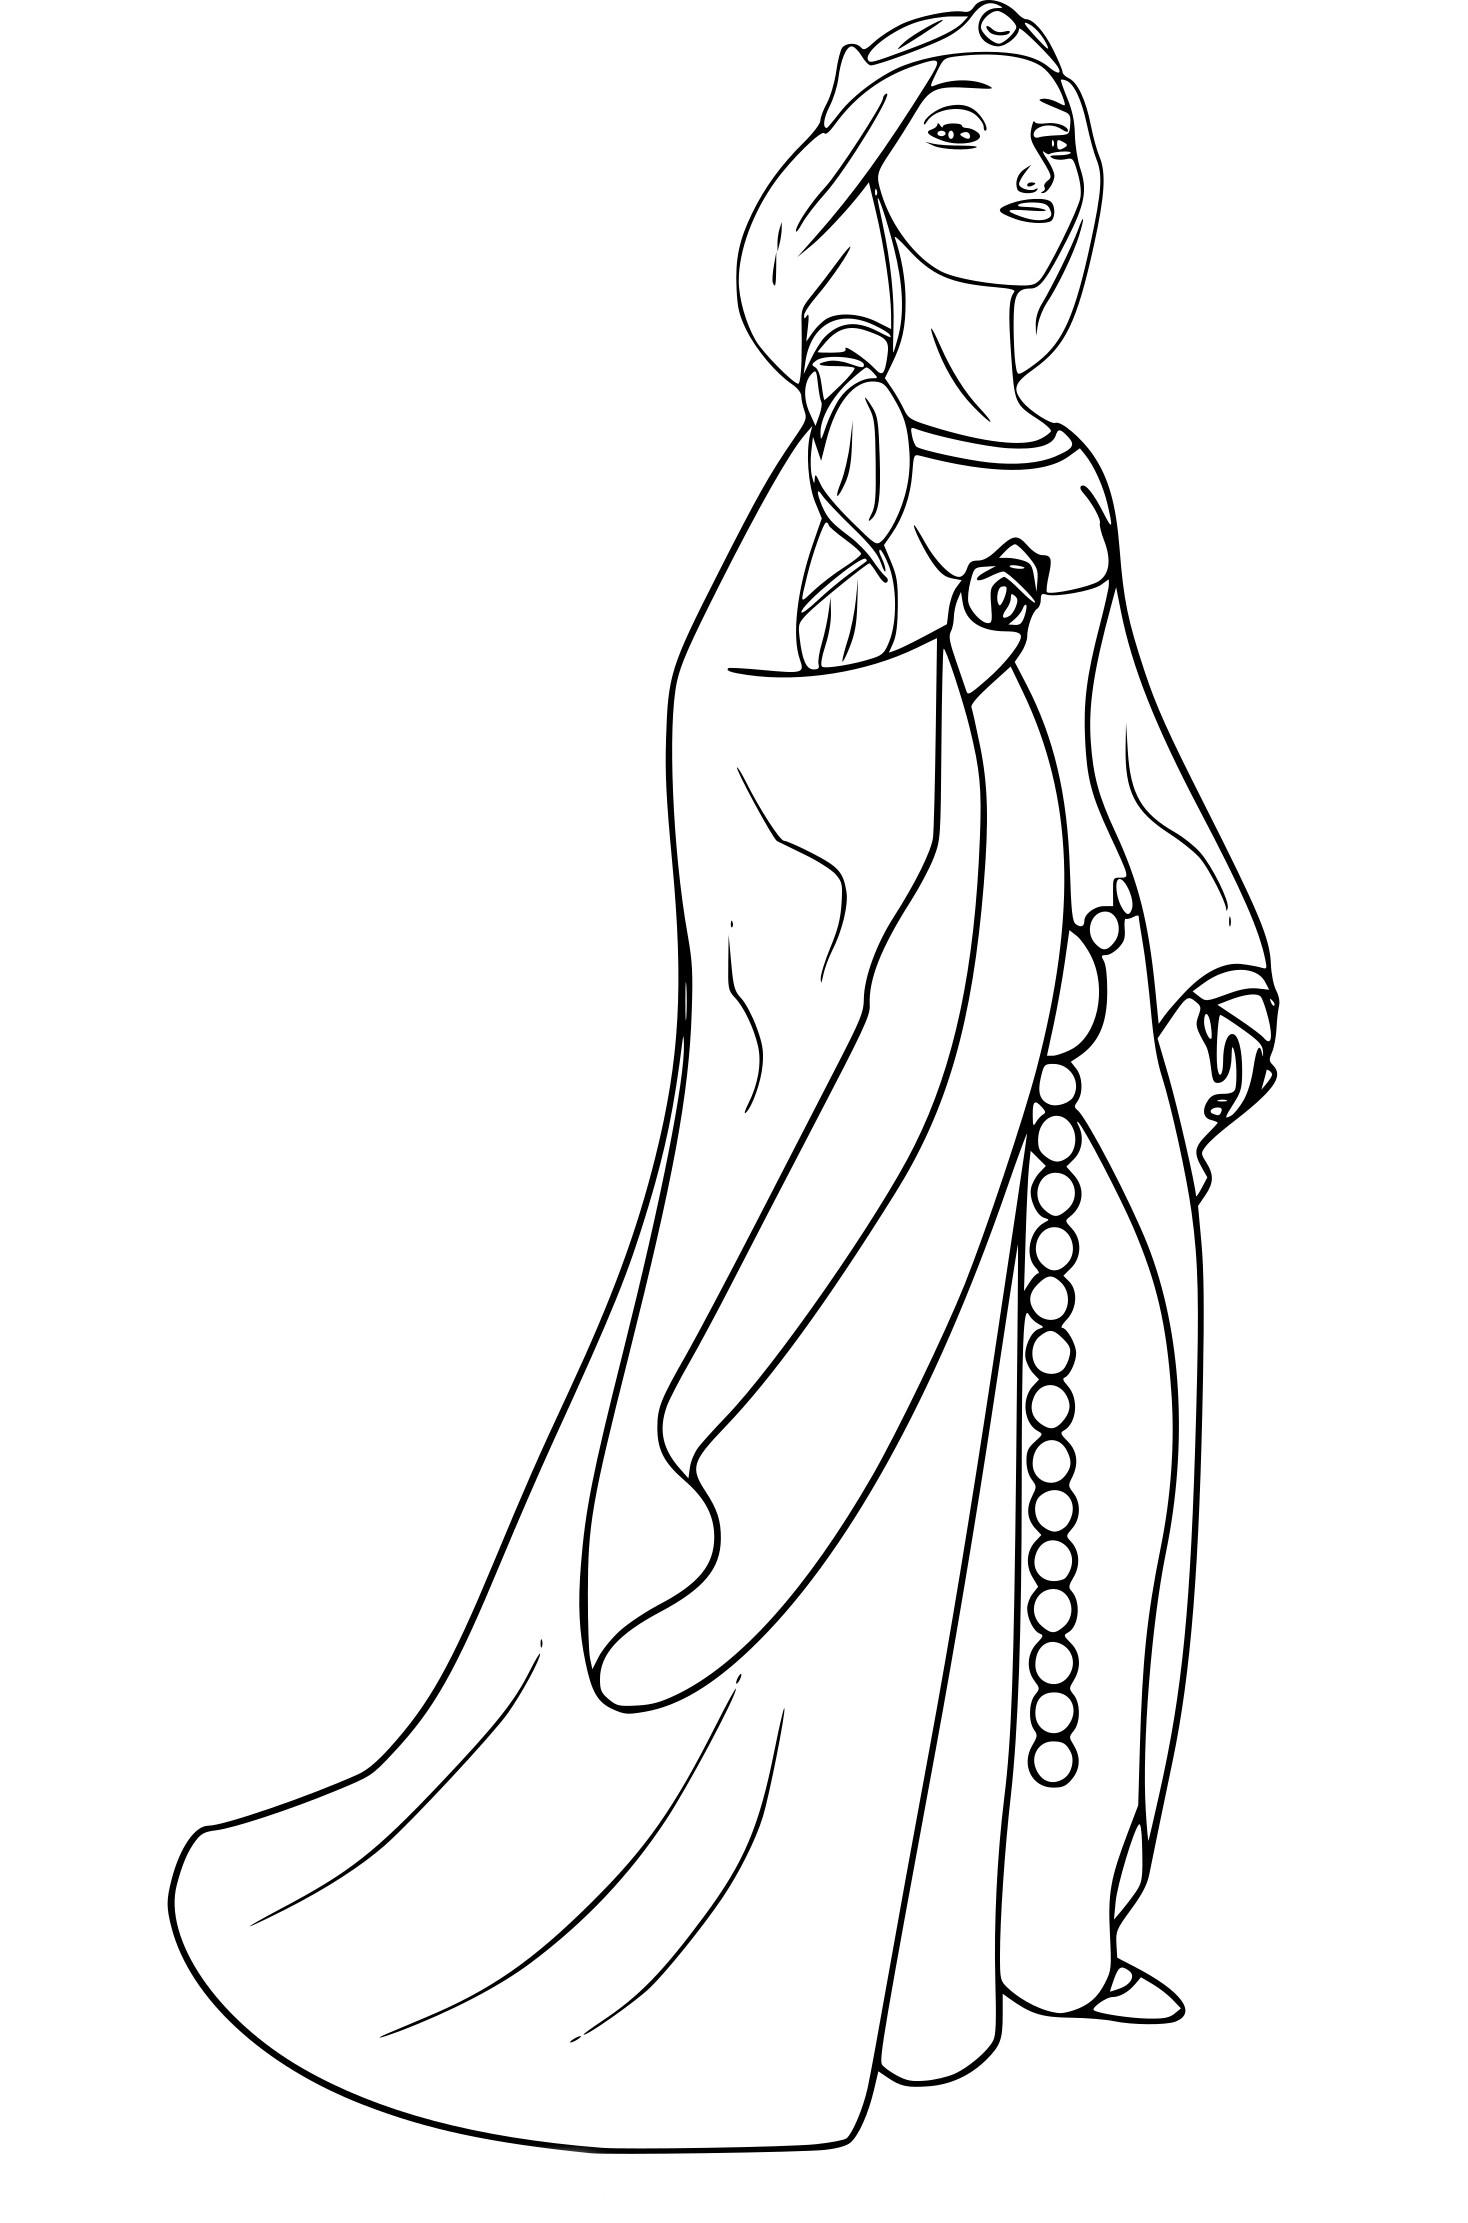 Coloriage Reine Elinor Dans Rebelle À Imprimer intérieur Dessin De Rebelle